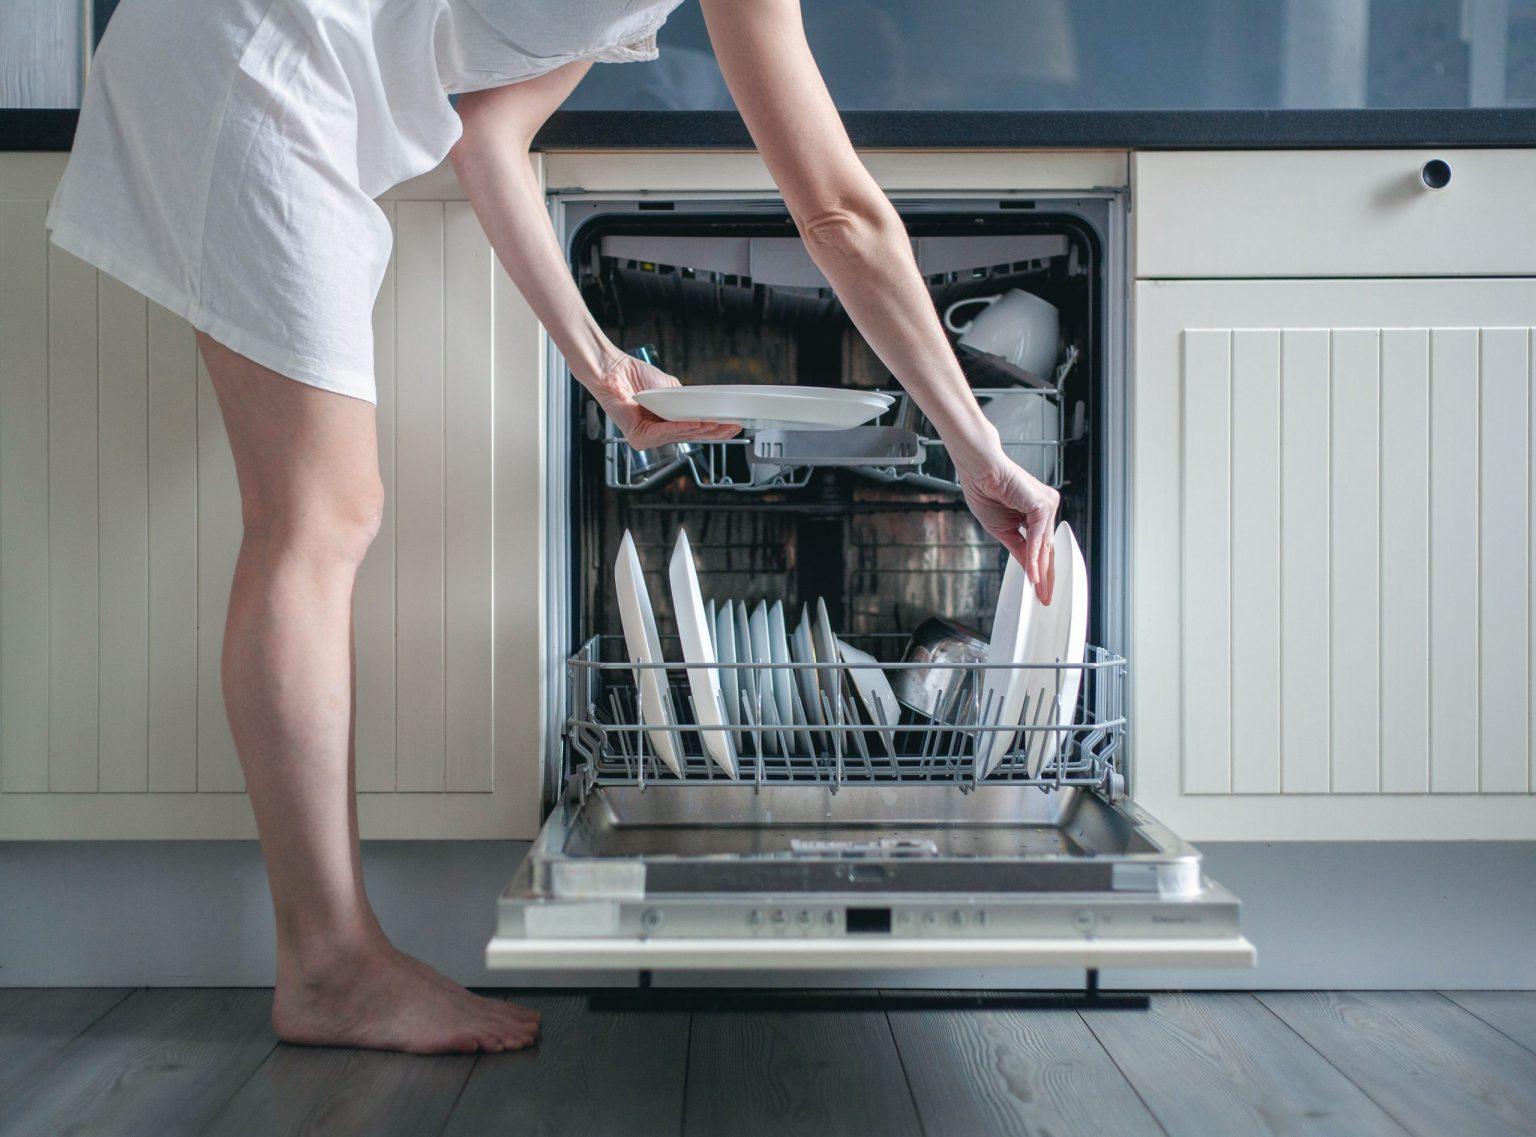 Comment utiliser les programmes de mon lave-vaisselle ?